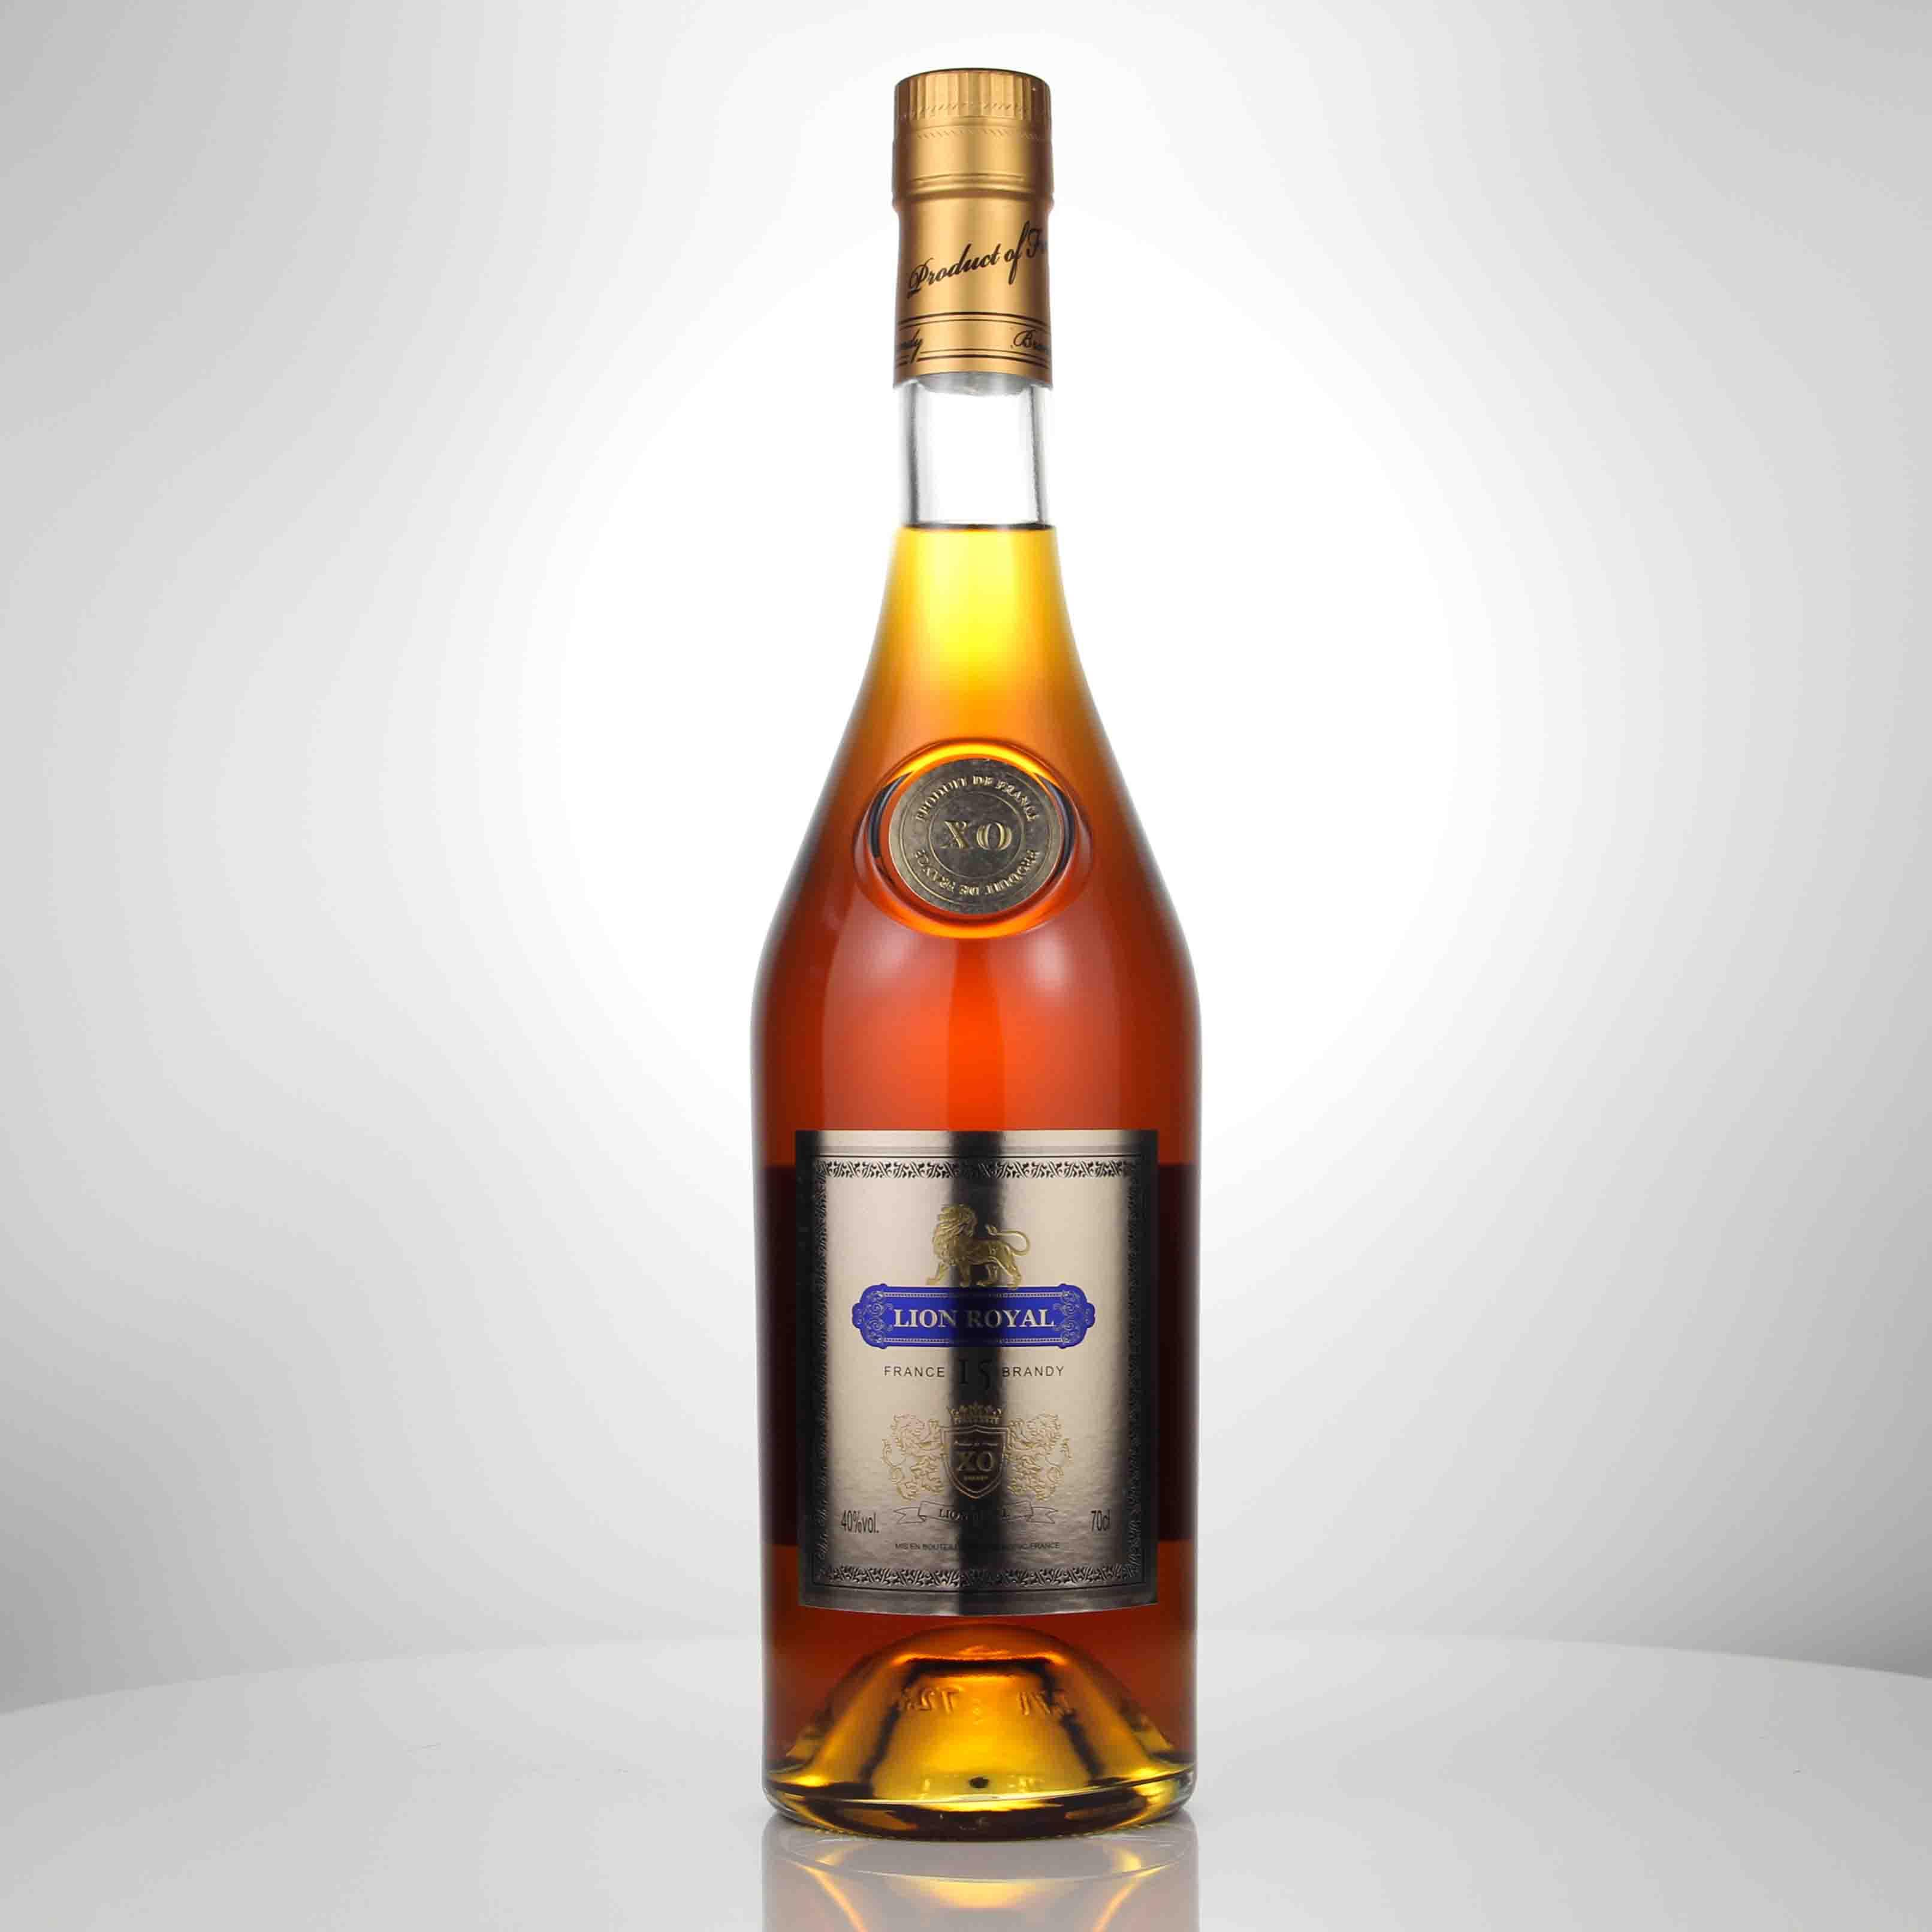 法国干邑皮埃尔酒庄皇家雄狮15年700ML